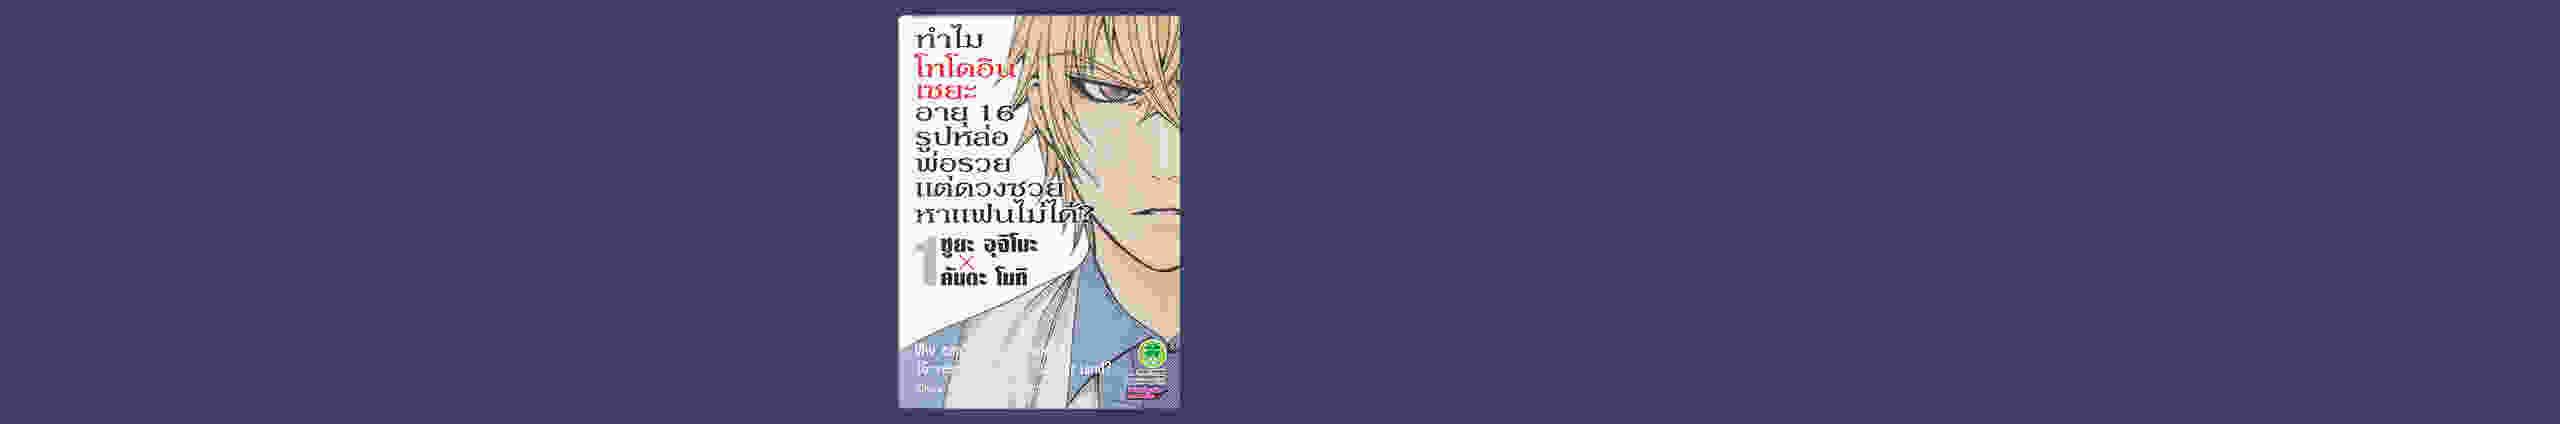 ทำไมโทโดอิน เซยะ อายุ 16 รูปหล่อ พ่อรวย แต่ดวงซวยหาแฟนไม่ได้?